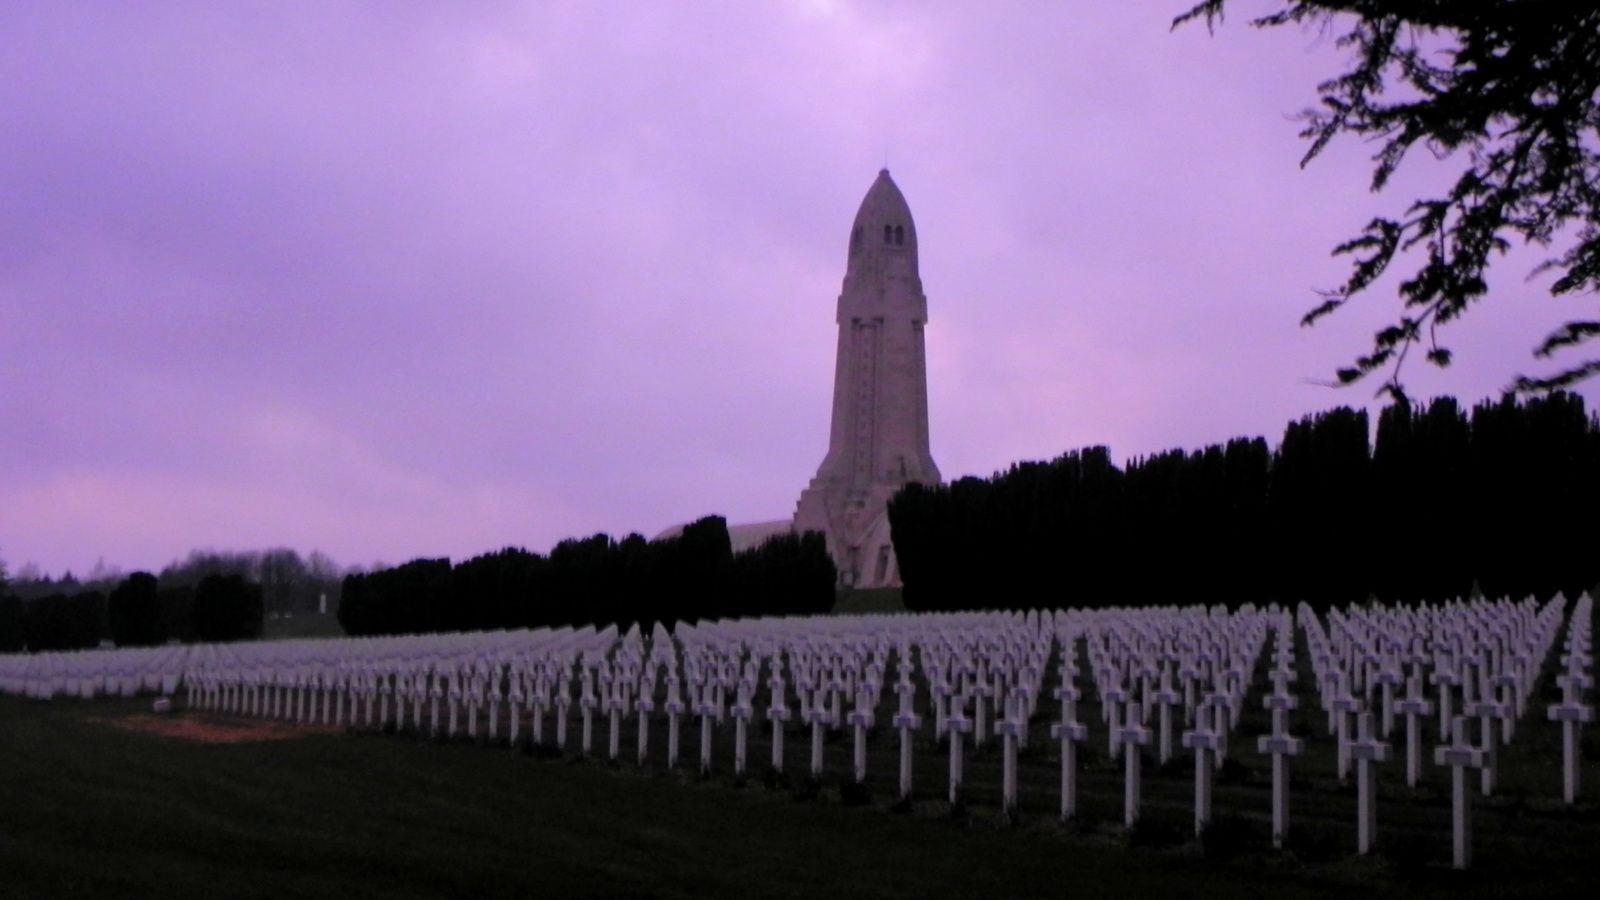 Après, nous sommes repassés à la nécropole de Douaumont. Le carré de terre est visible et, impossible de se tromper d'endroit avec cette pierre blanche en mémoire de ces poilus.